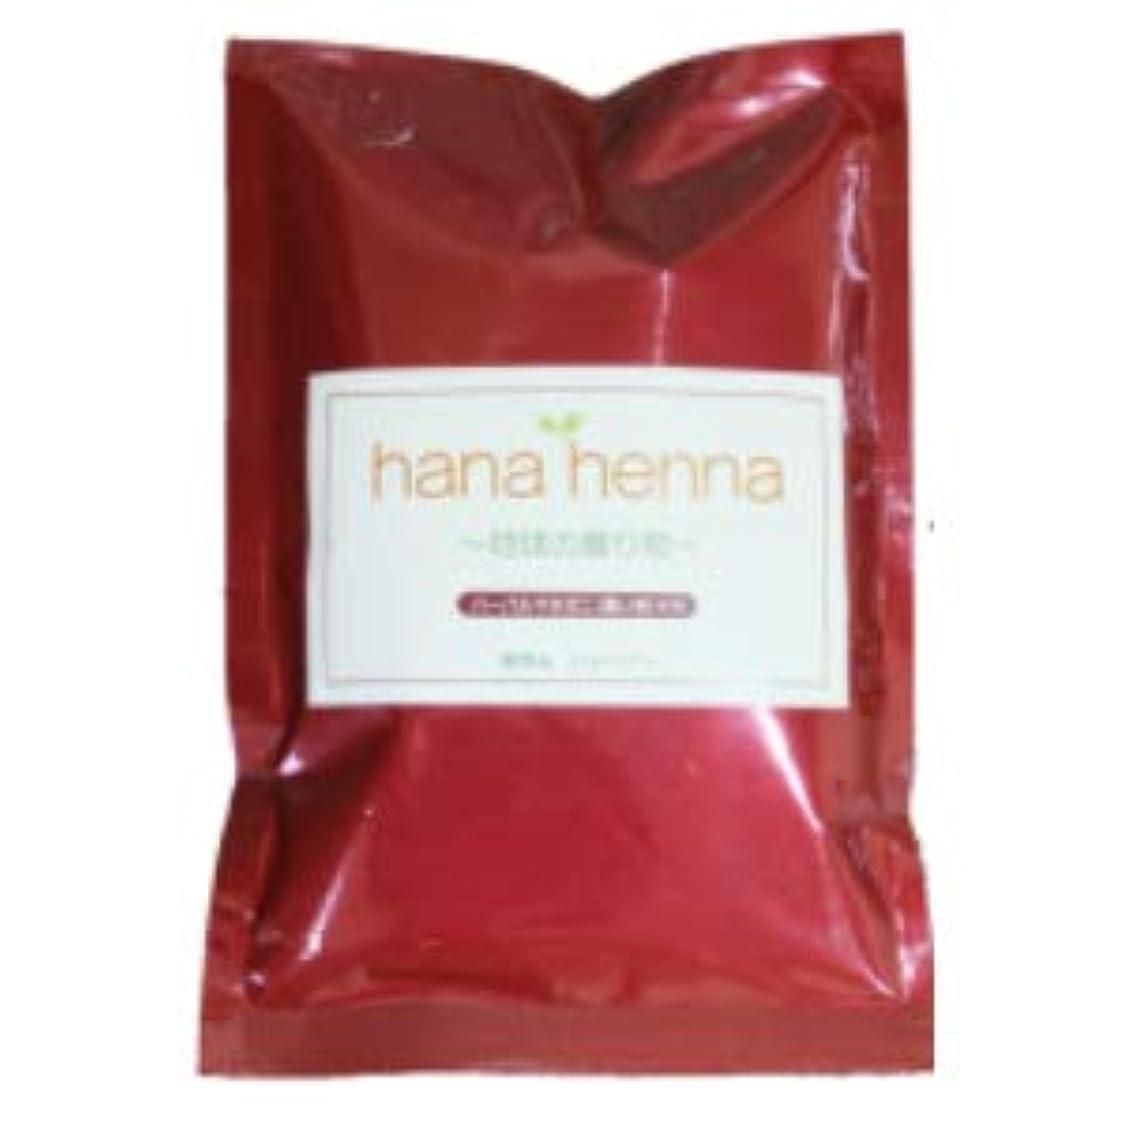 私たち空港意味?hana henna?ハナヘナ ハーバルマホガニー(濃い茶) (100g)